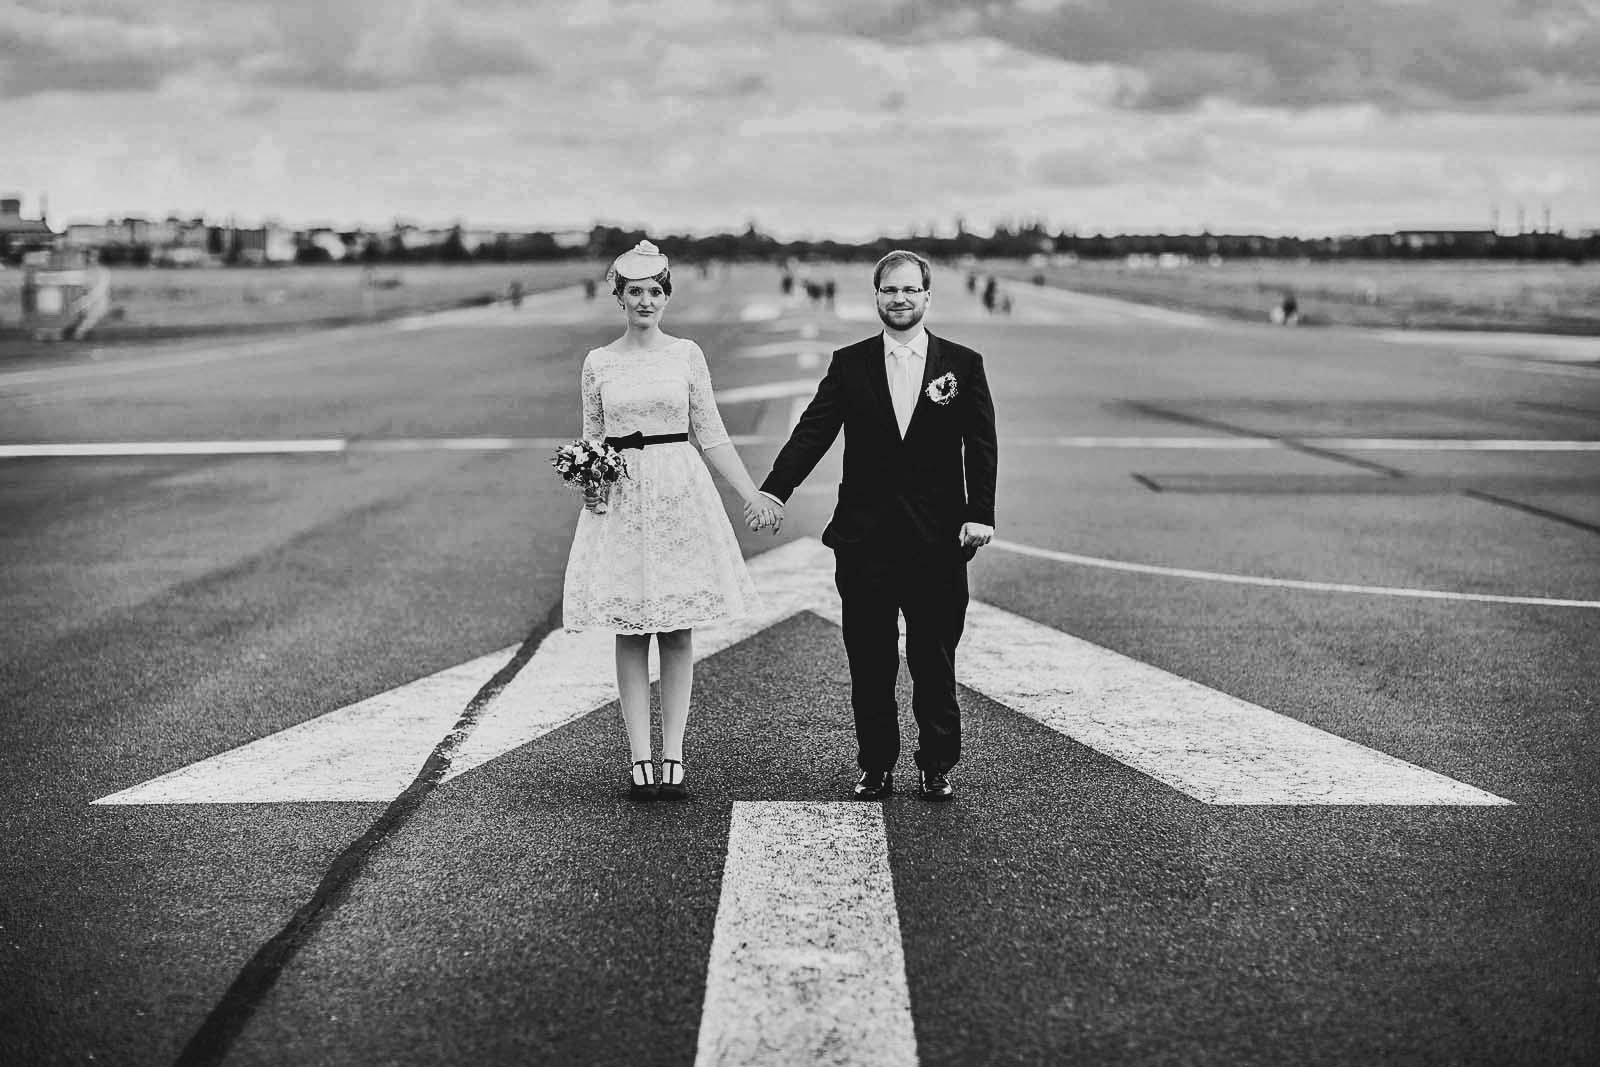 10-Fotoshooting-mit-Brautpaar-zur-Hochzeit-auf-dem-Tempelhofer-Feld-in-Berlin Hochzeitsfotograf © www.hochzeitsfotograf-berlin.net